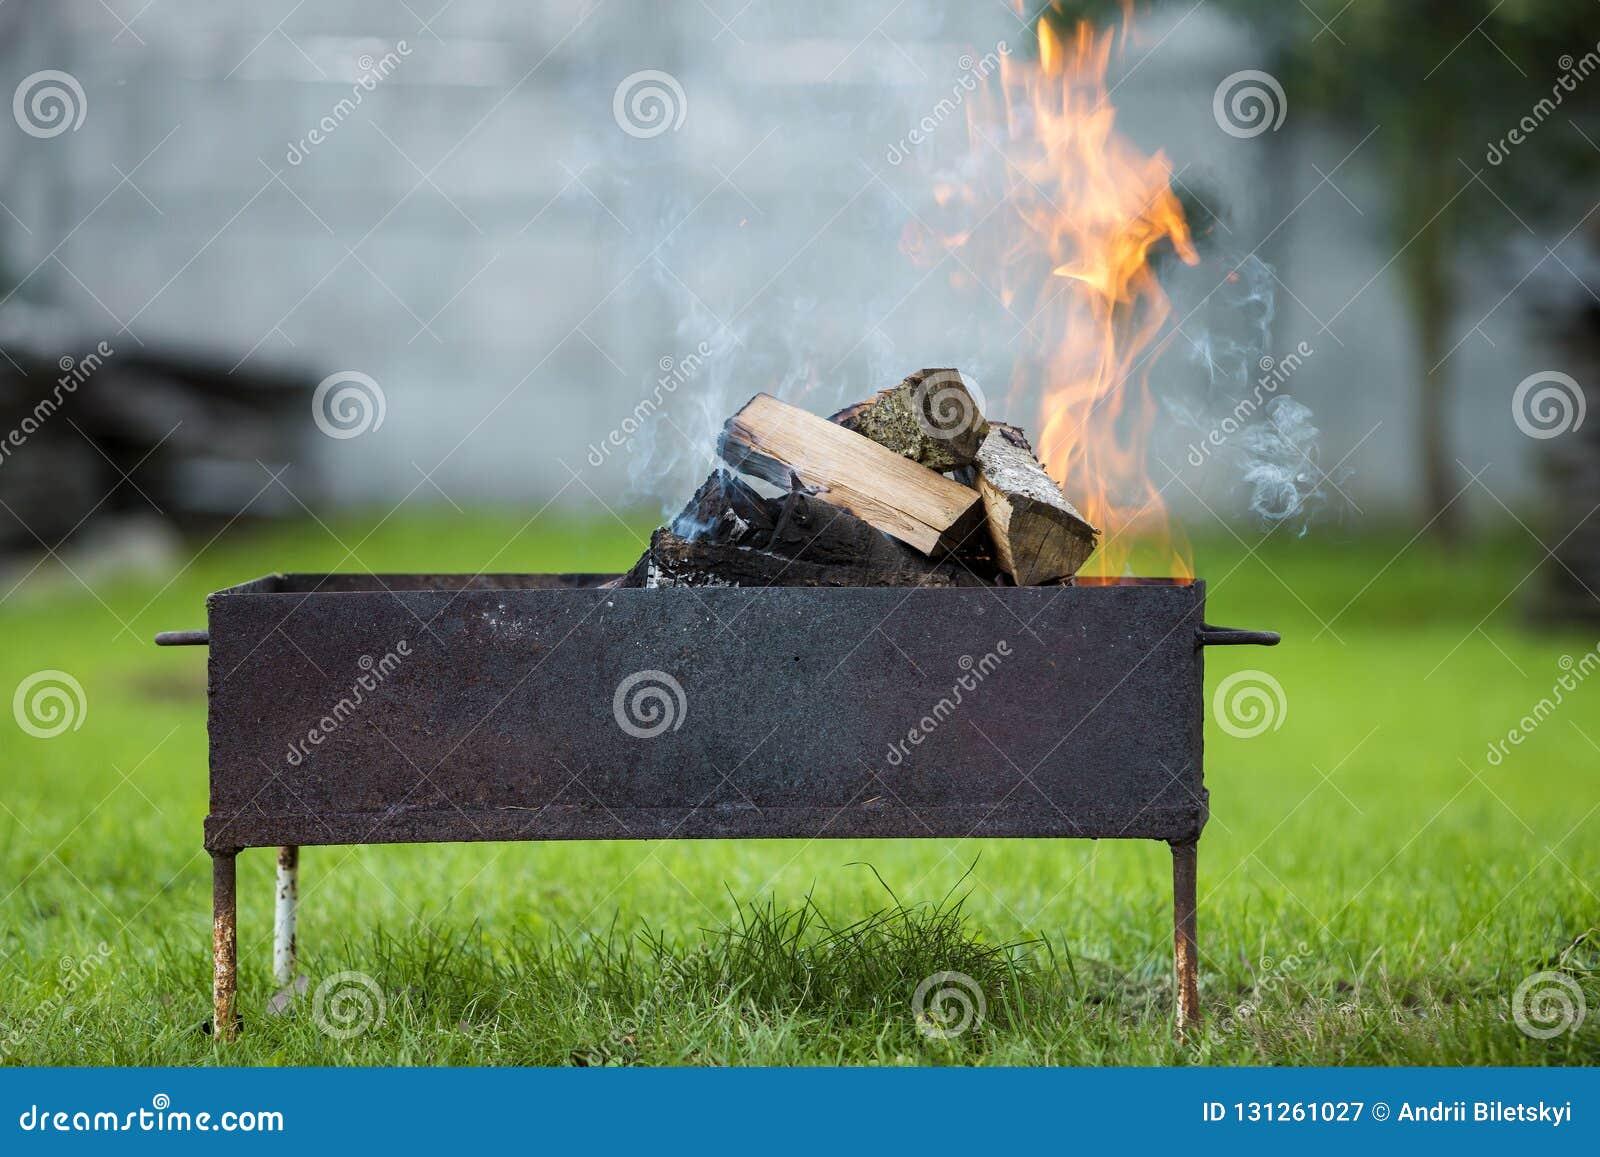 Brillantemente quemando en la leña de la caja del metal para la barbacoa al aire libre leva